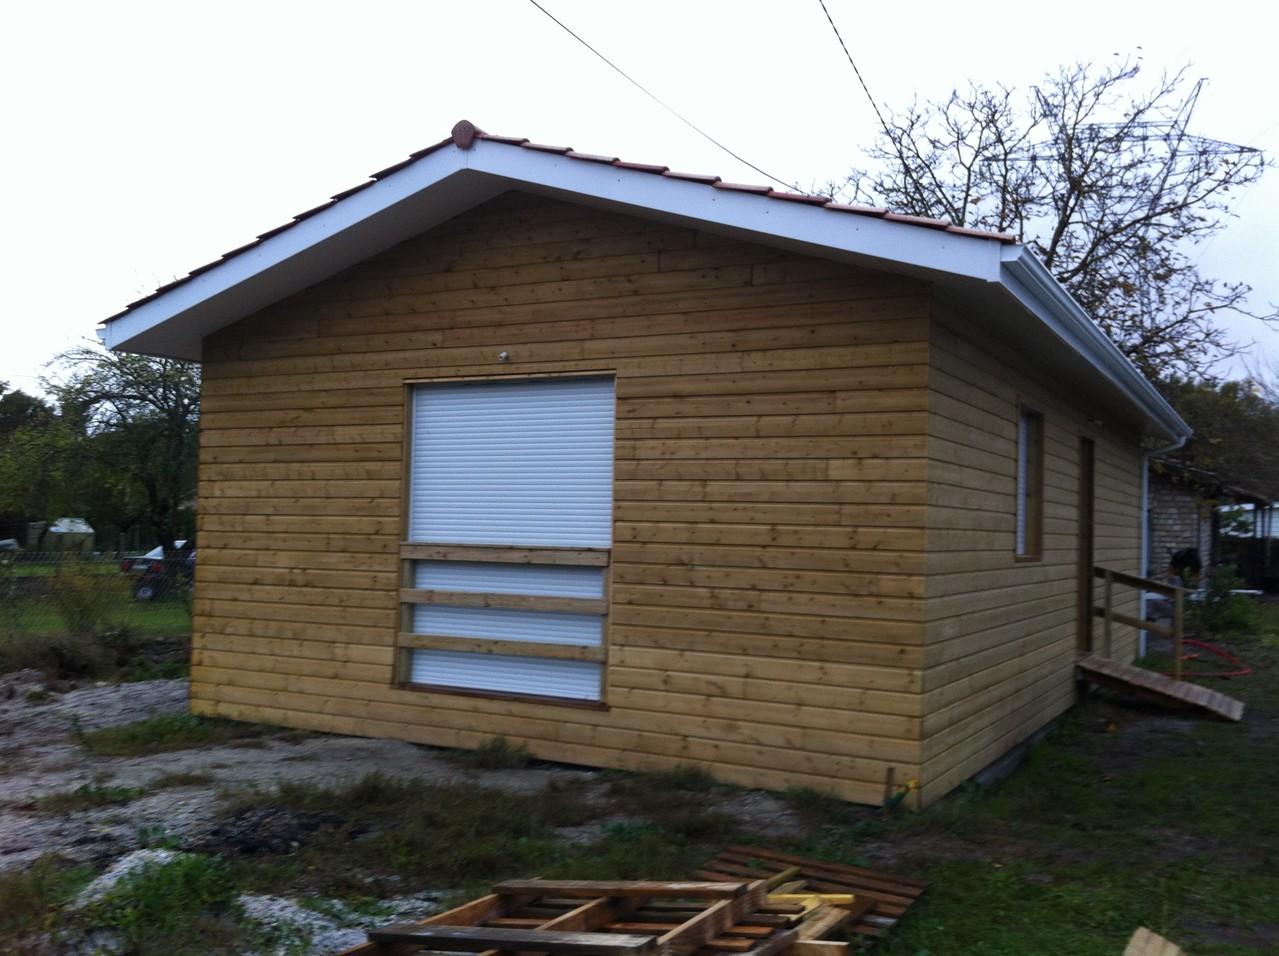 Vue extérieure maison terminée